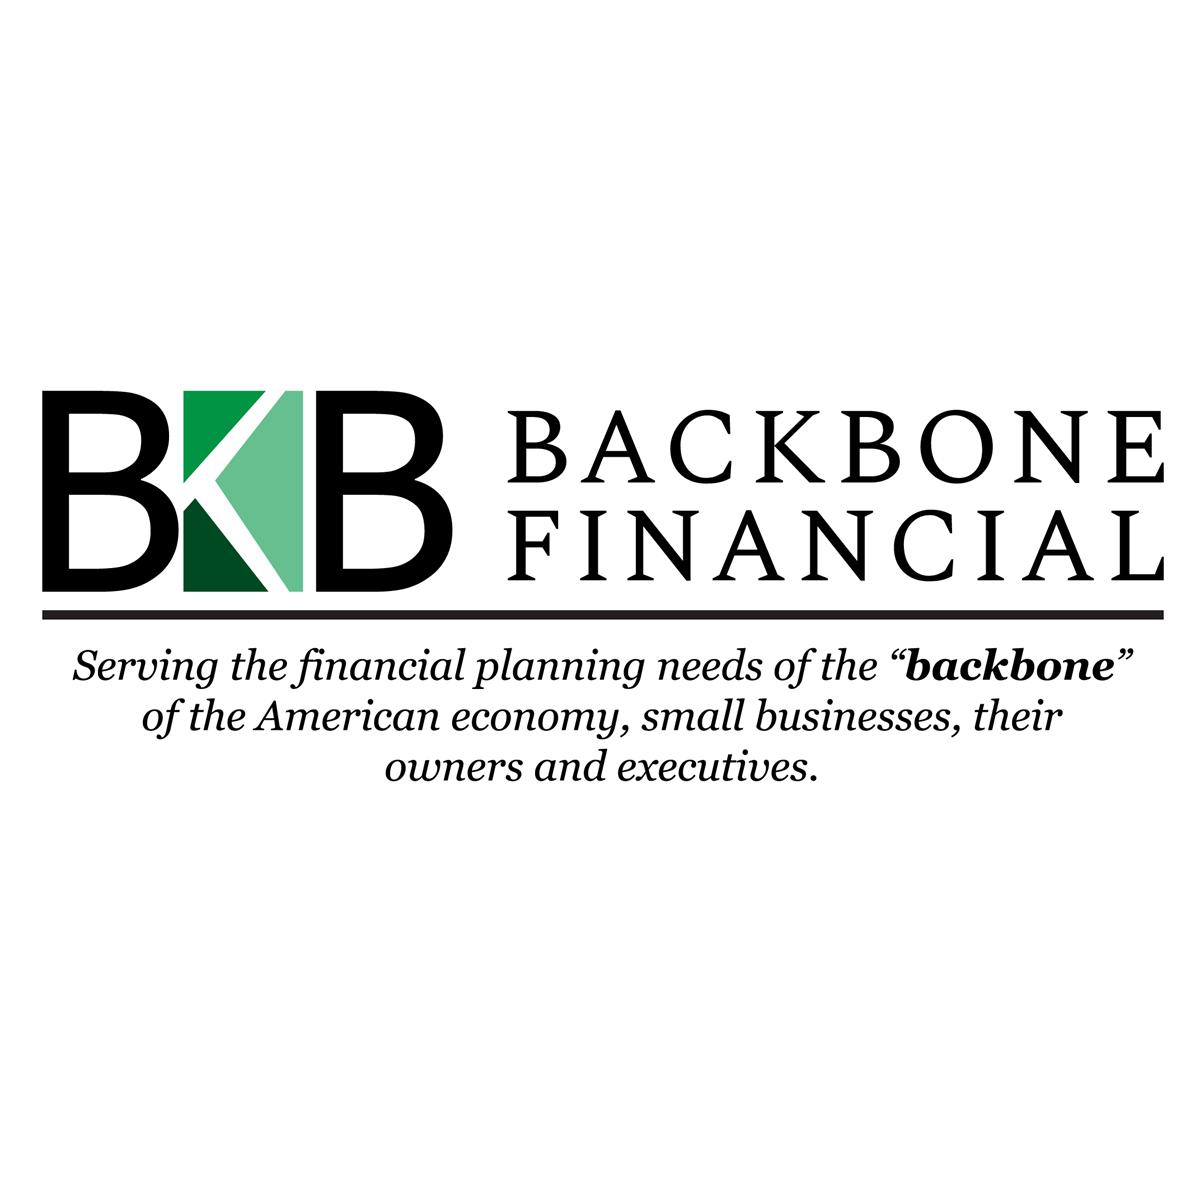 Backbone Financial